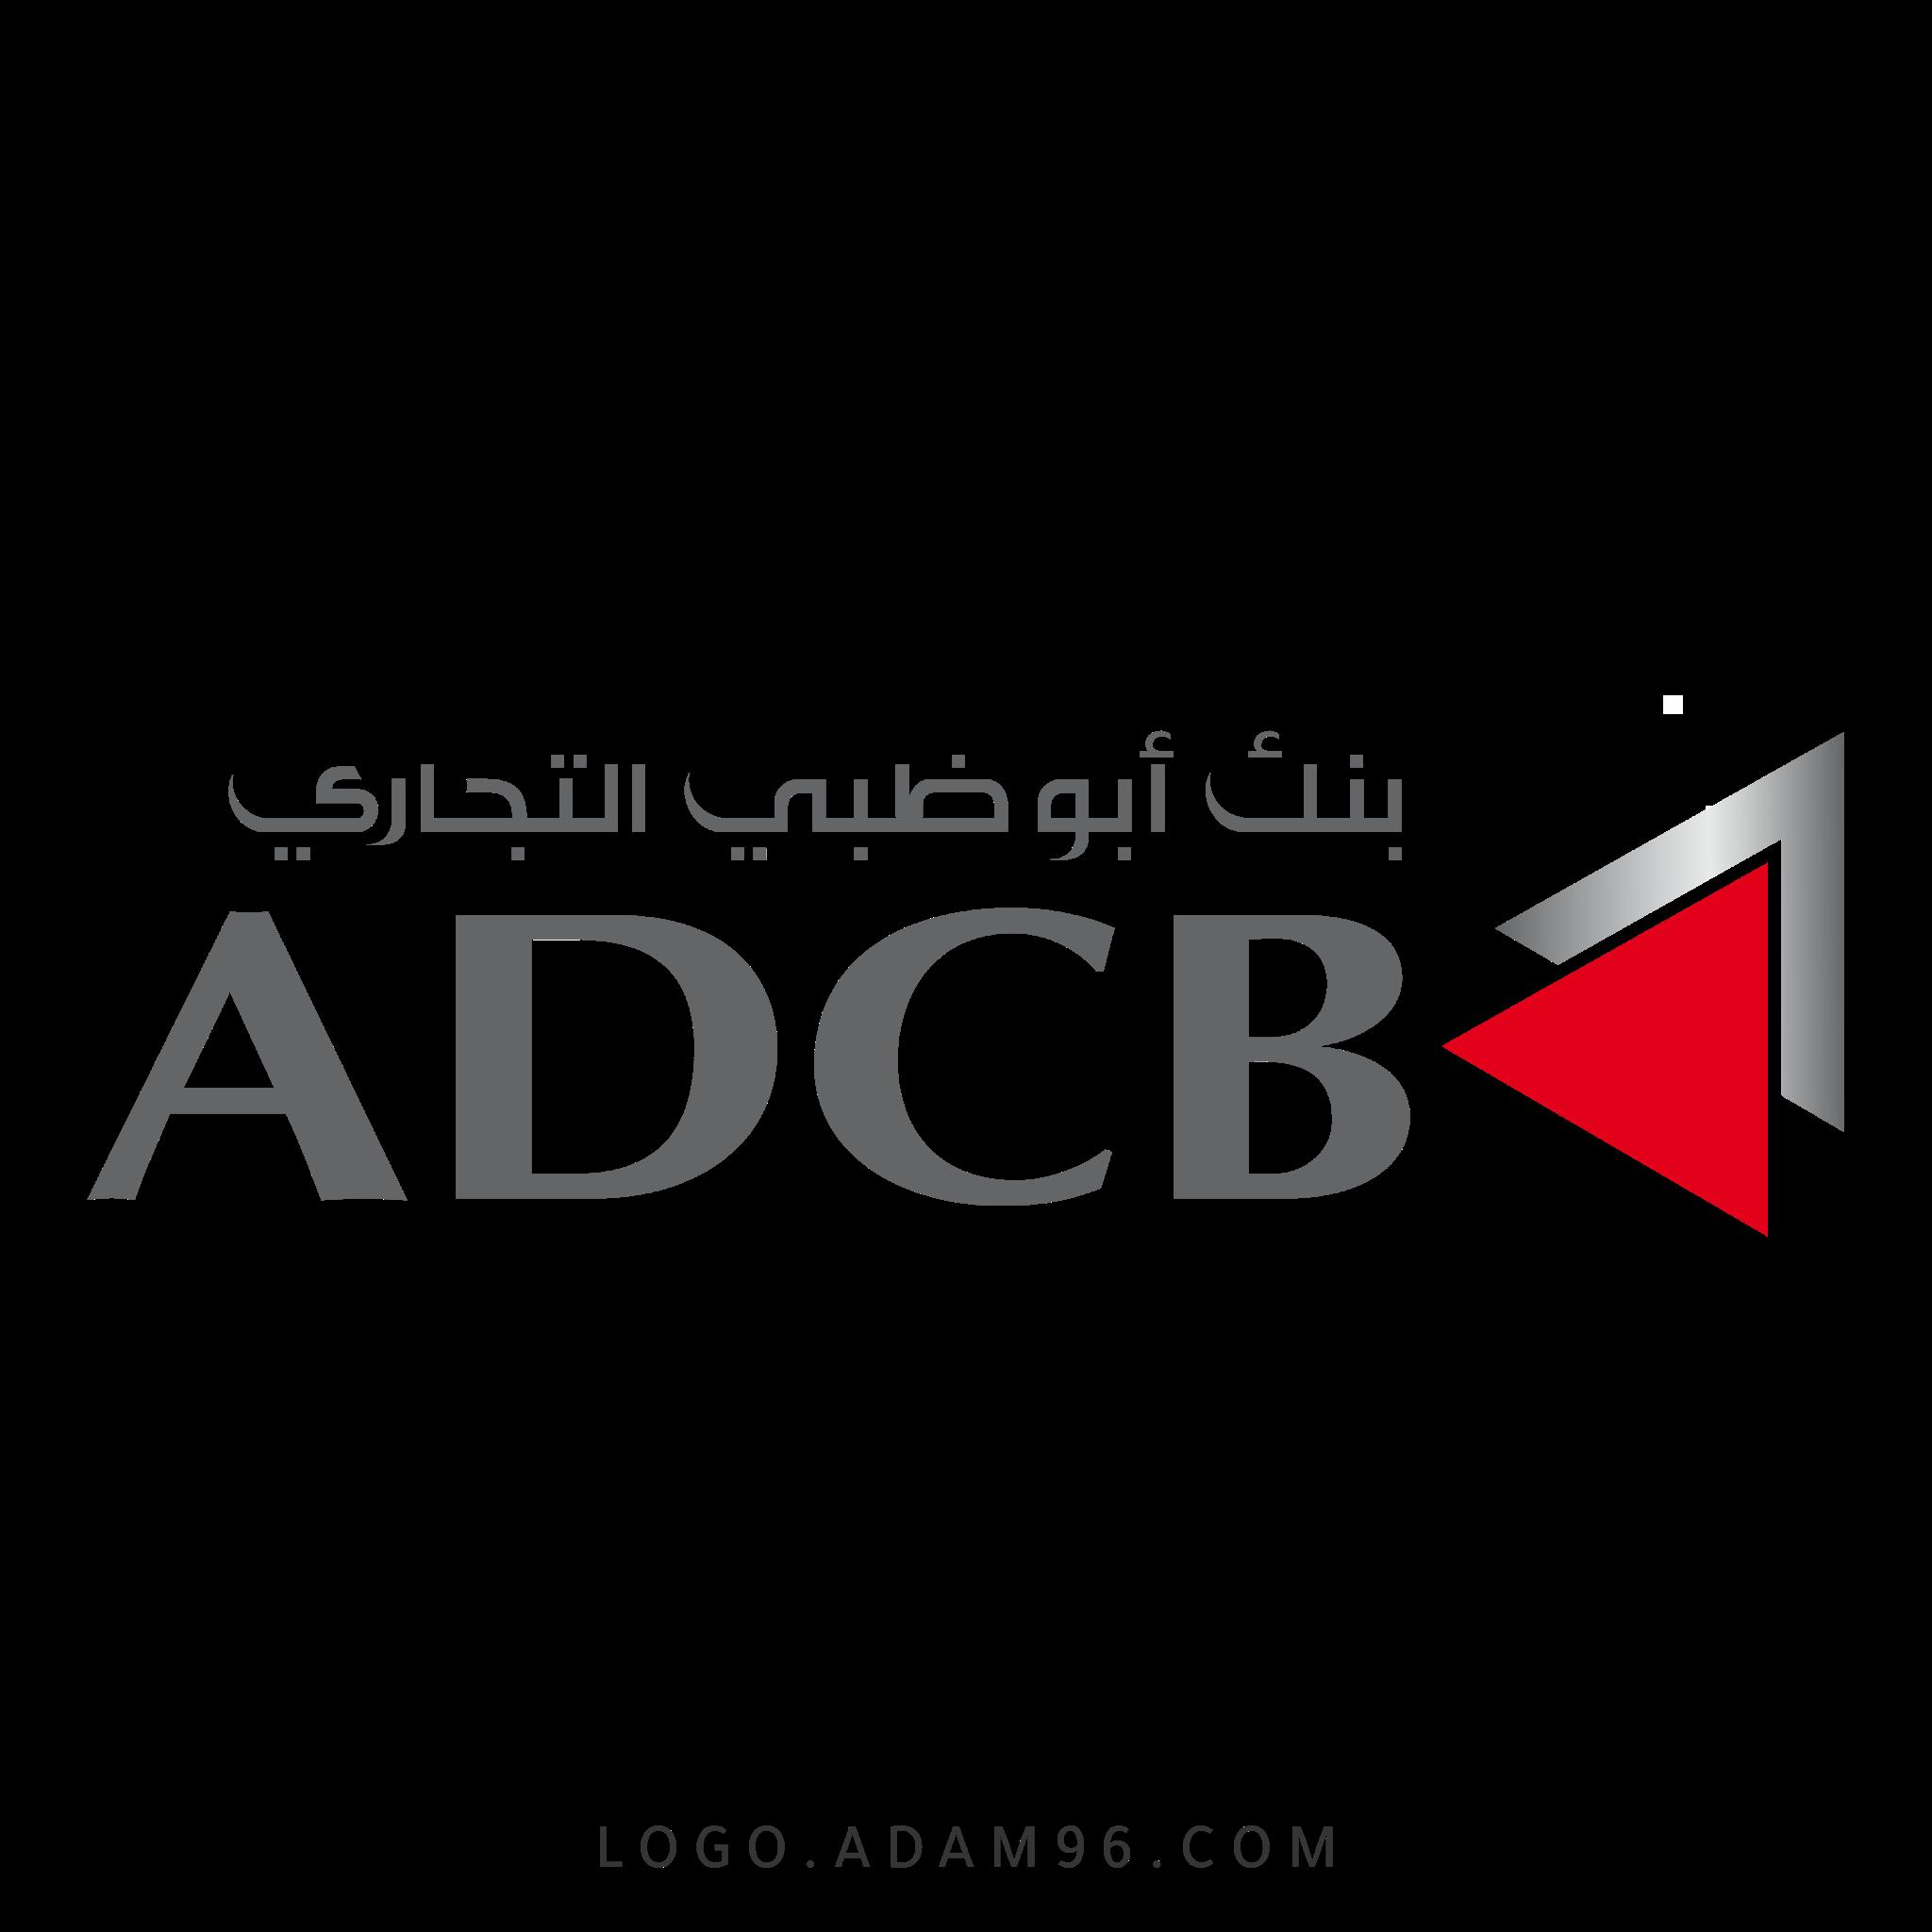 تحميل شعار بنك ابوظبي التجاري لوجو رسمي عالي الجودة PNG